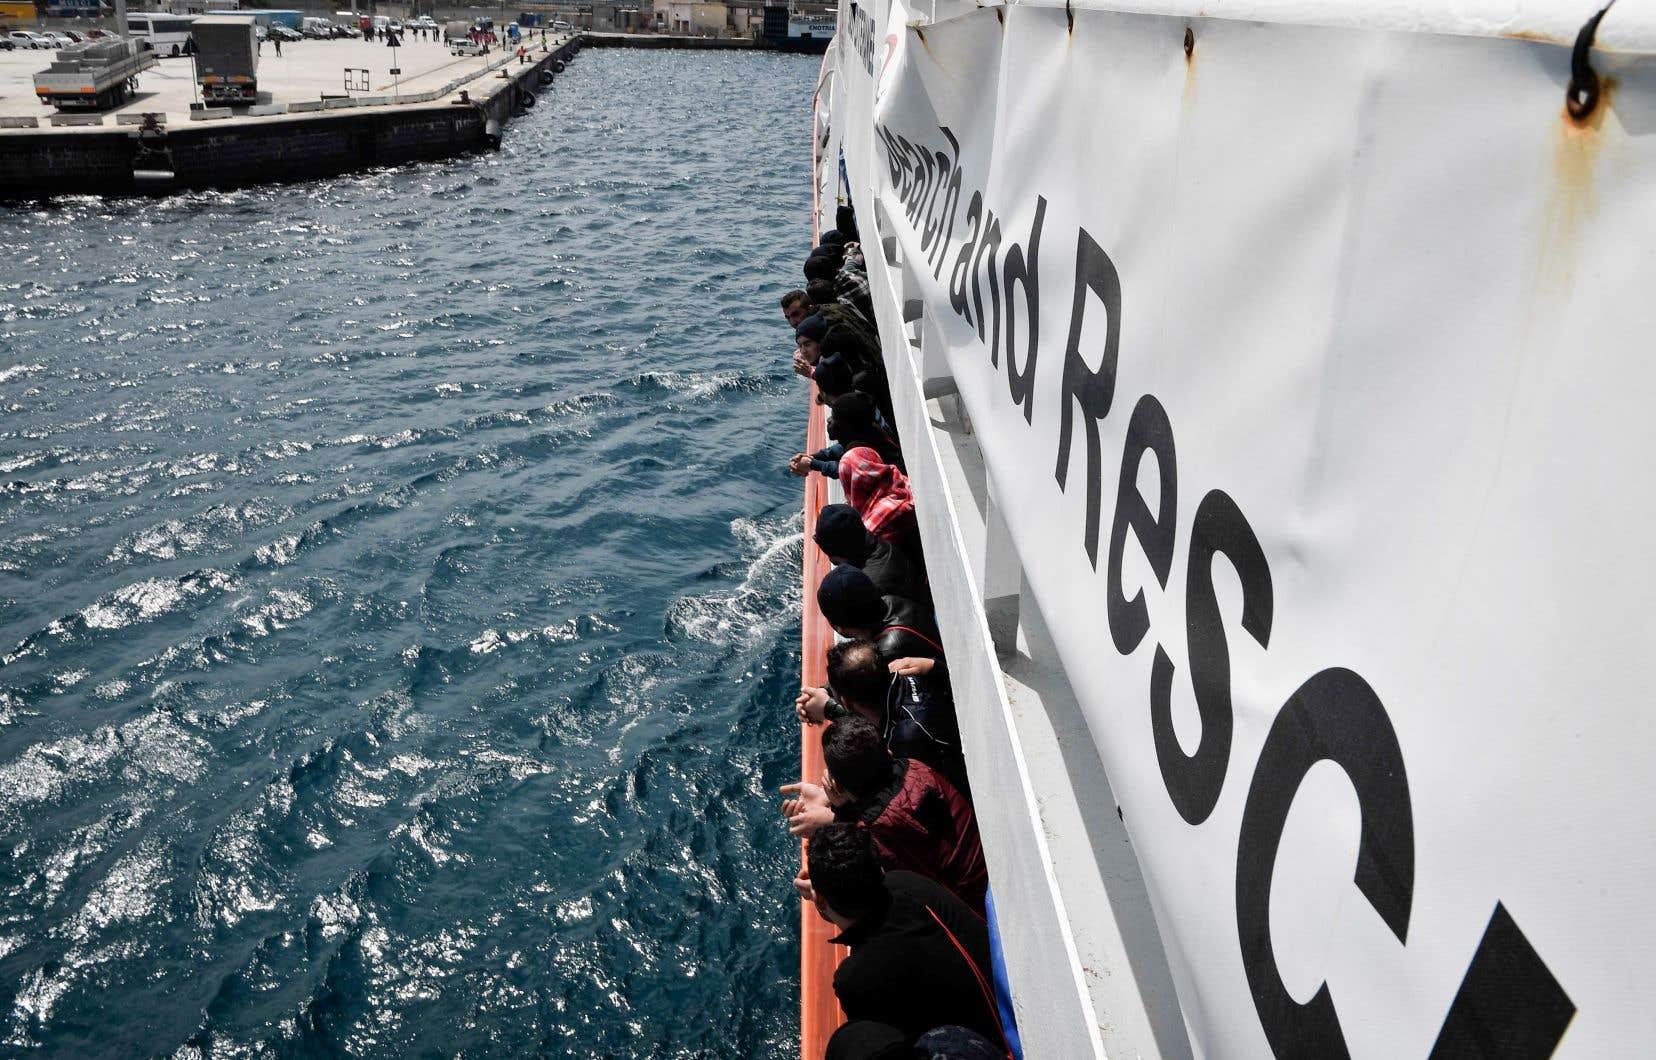 En vertu du nouveau texte de loi, les bateaux des ONG d'aide aux migrants pourraient être confisqués et leurs commandants, mis à l'amende.